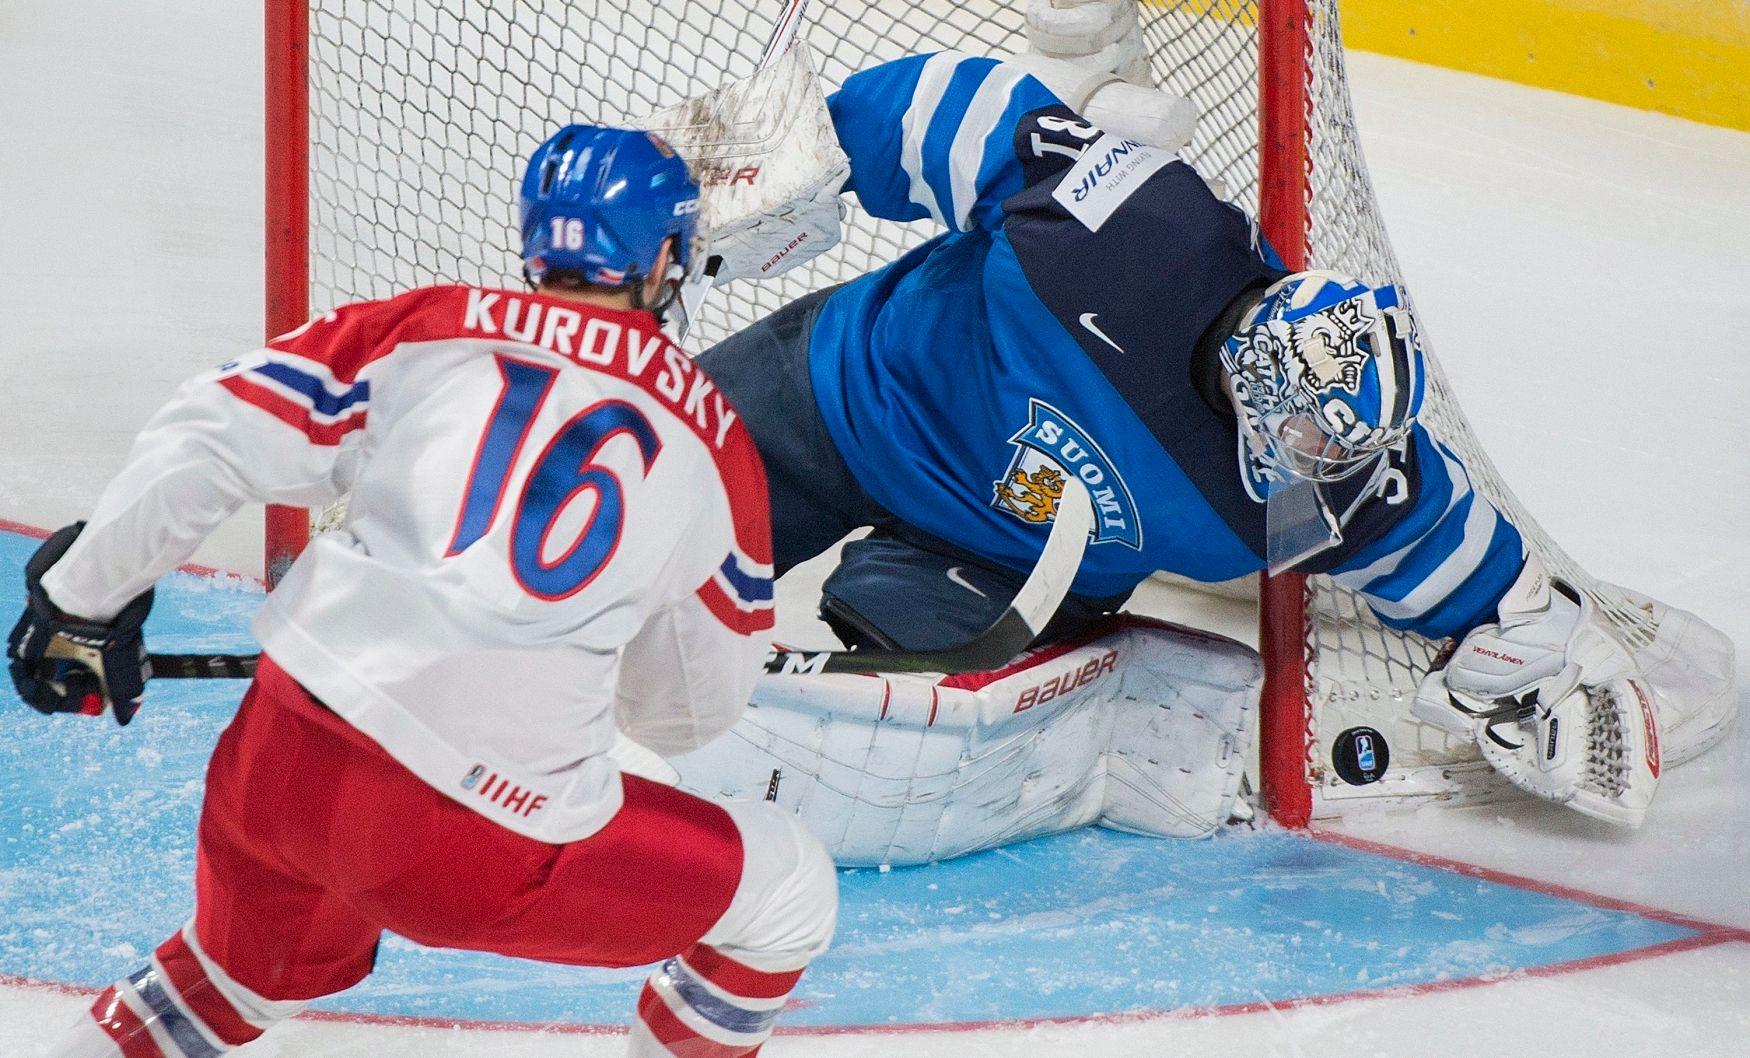 Čechy nepřehlížejme, půjdou do semifinále, tipuje kanadský expert. Mírní favorité jsou ale Finové